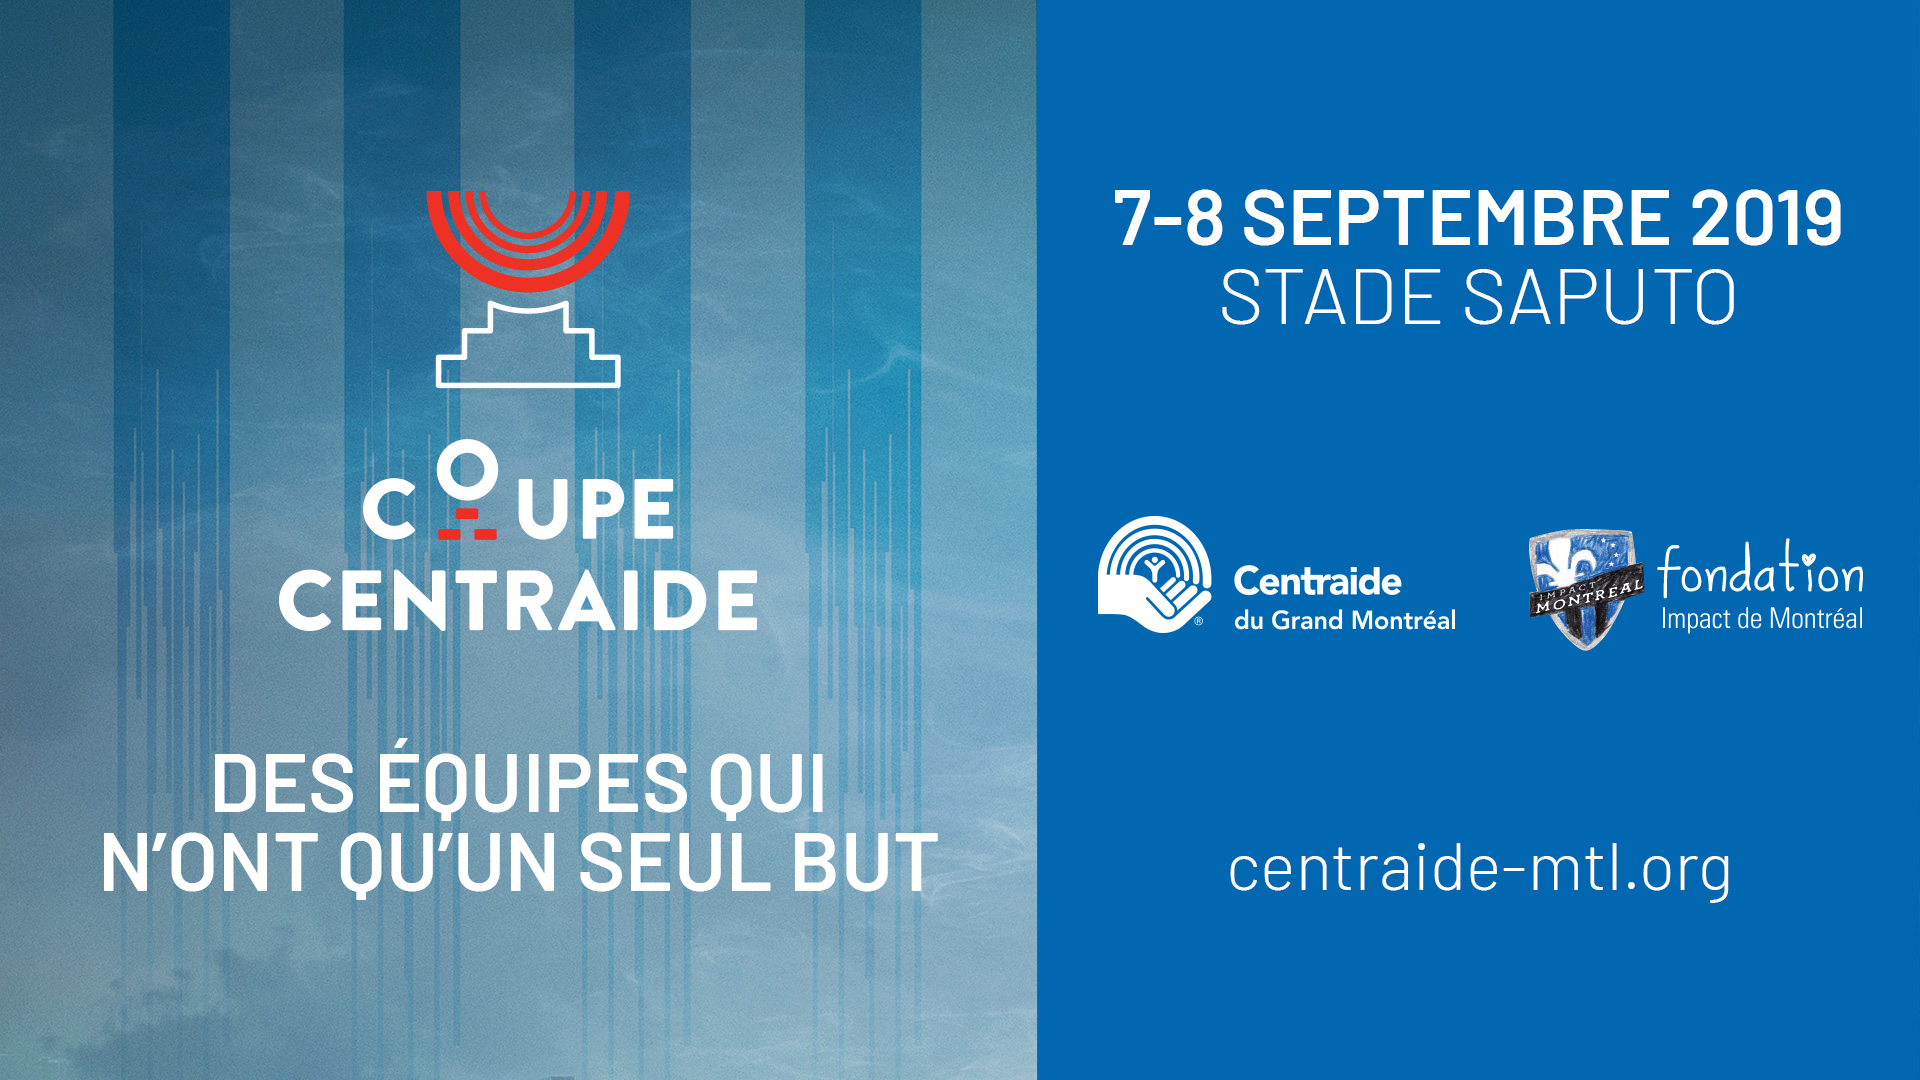 La 8e édition de la Coupe Centraide au Stade Saputo